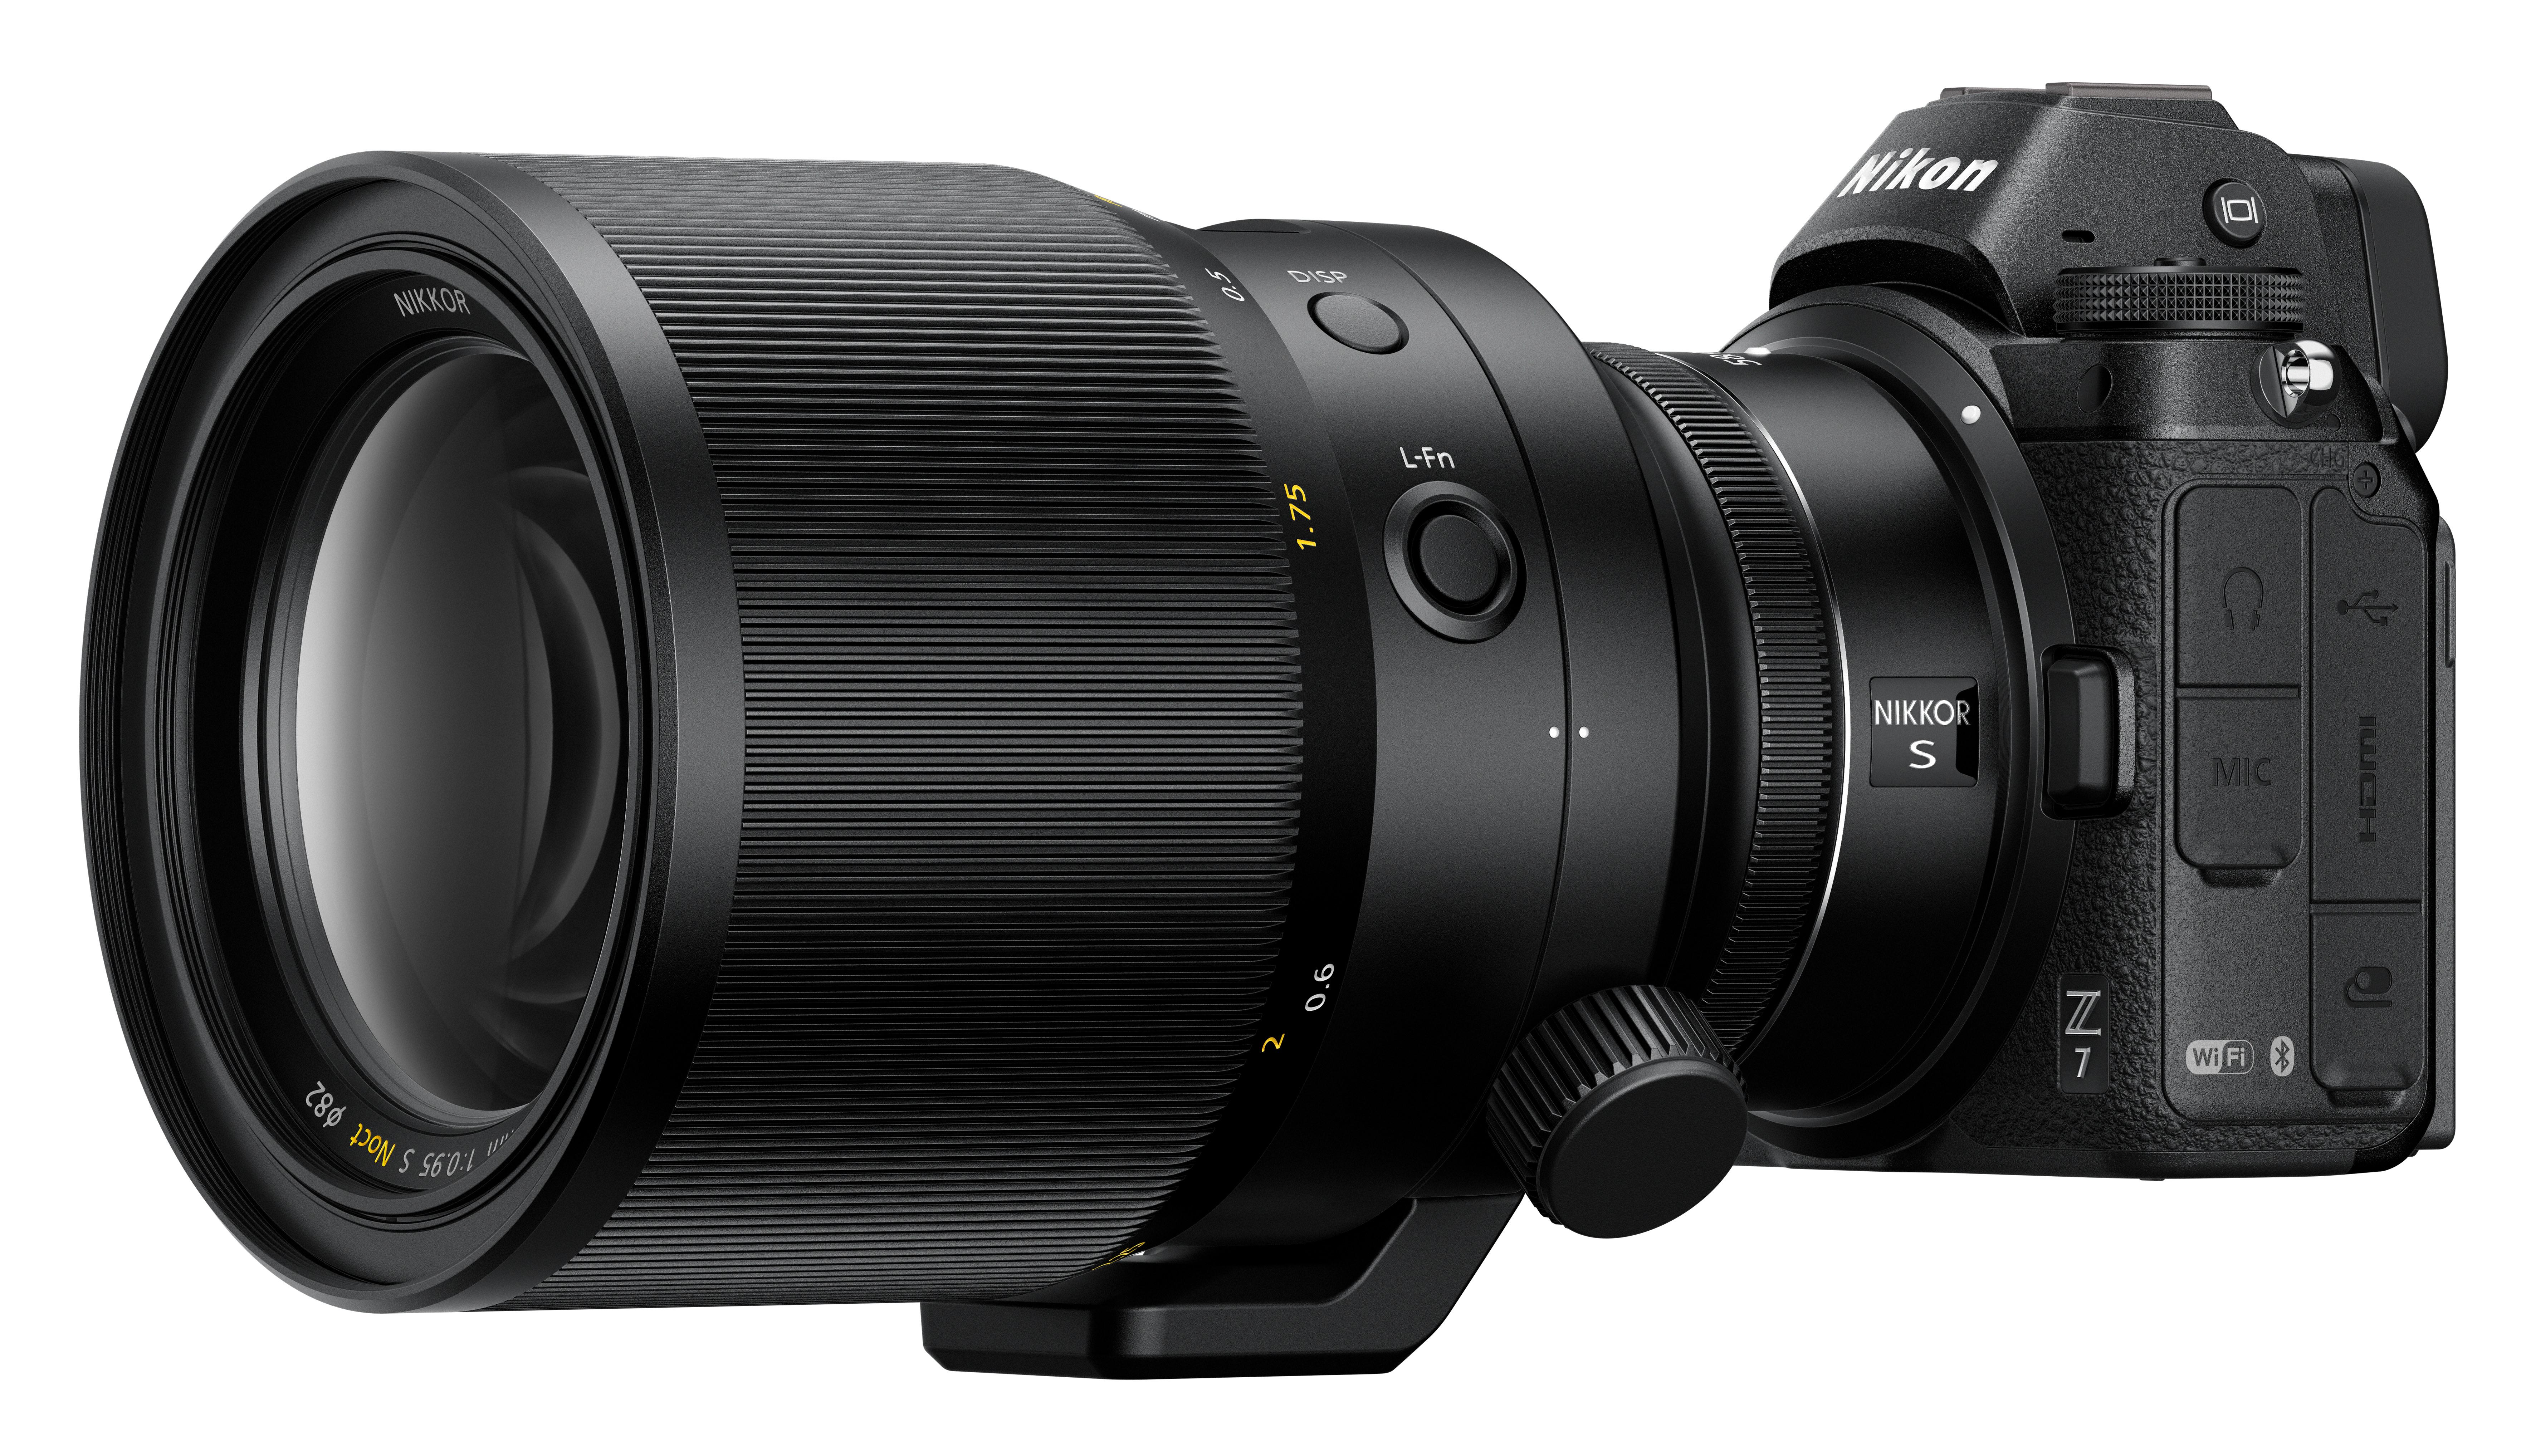 Nikon Nikkor Z 58mm f/0 95 S Noct Lens In Development